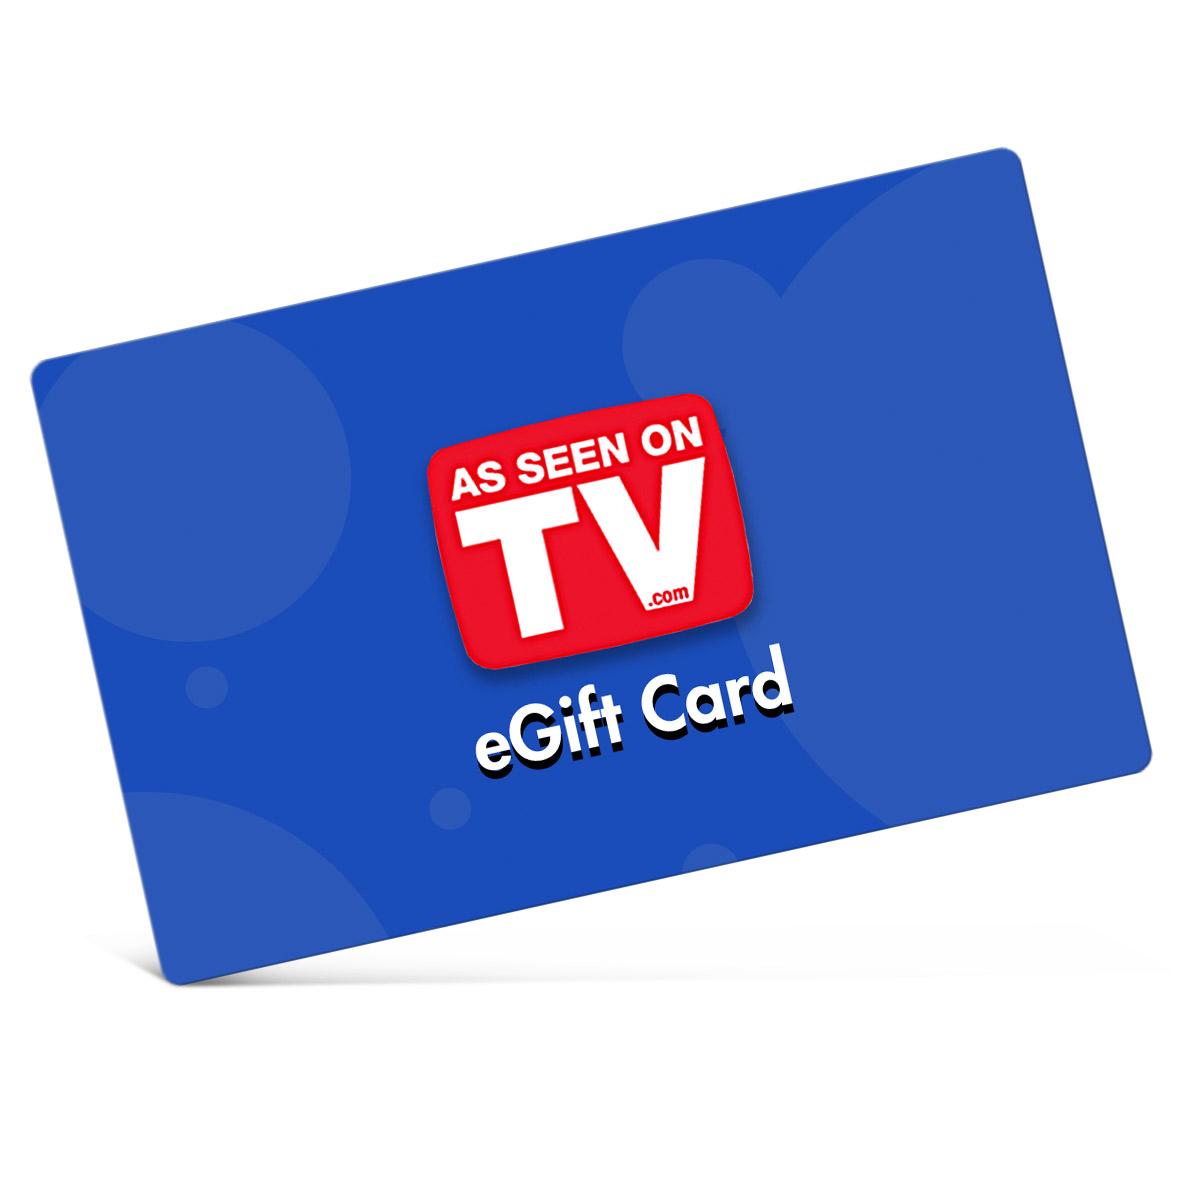 AsSeenOnTV.com E-Gift Card